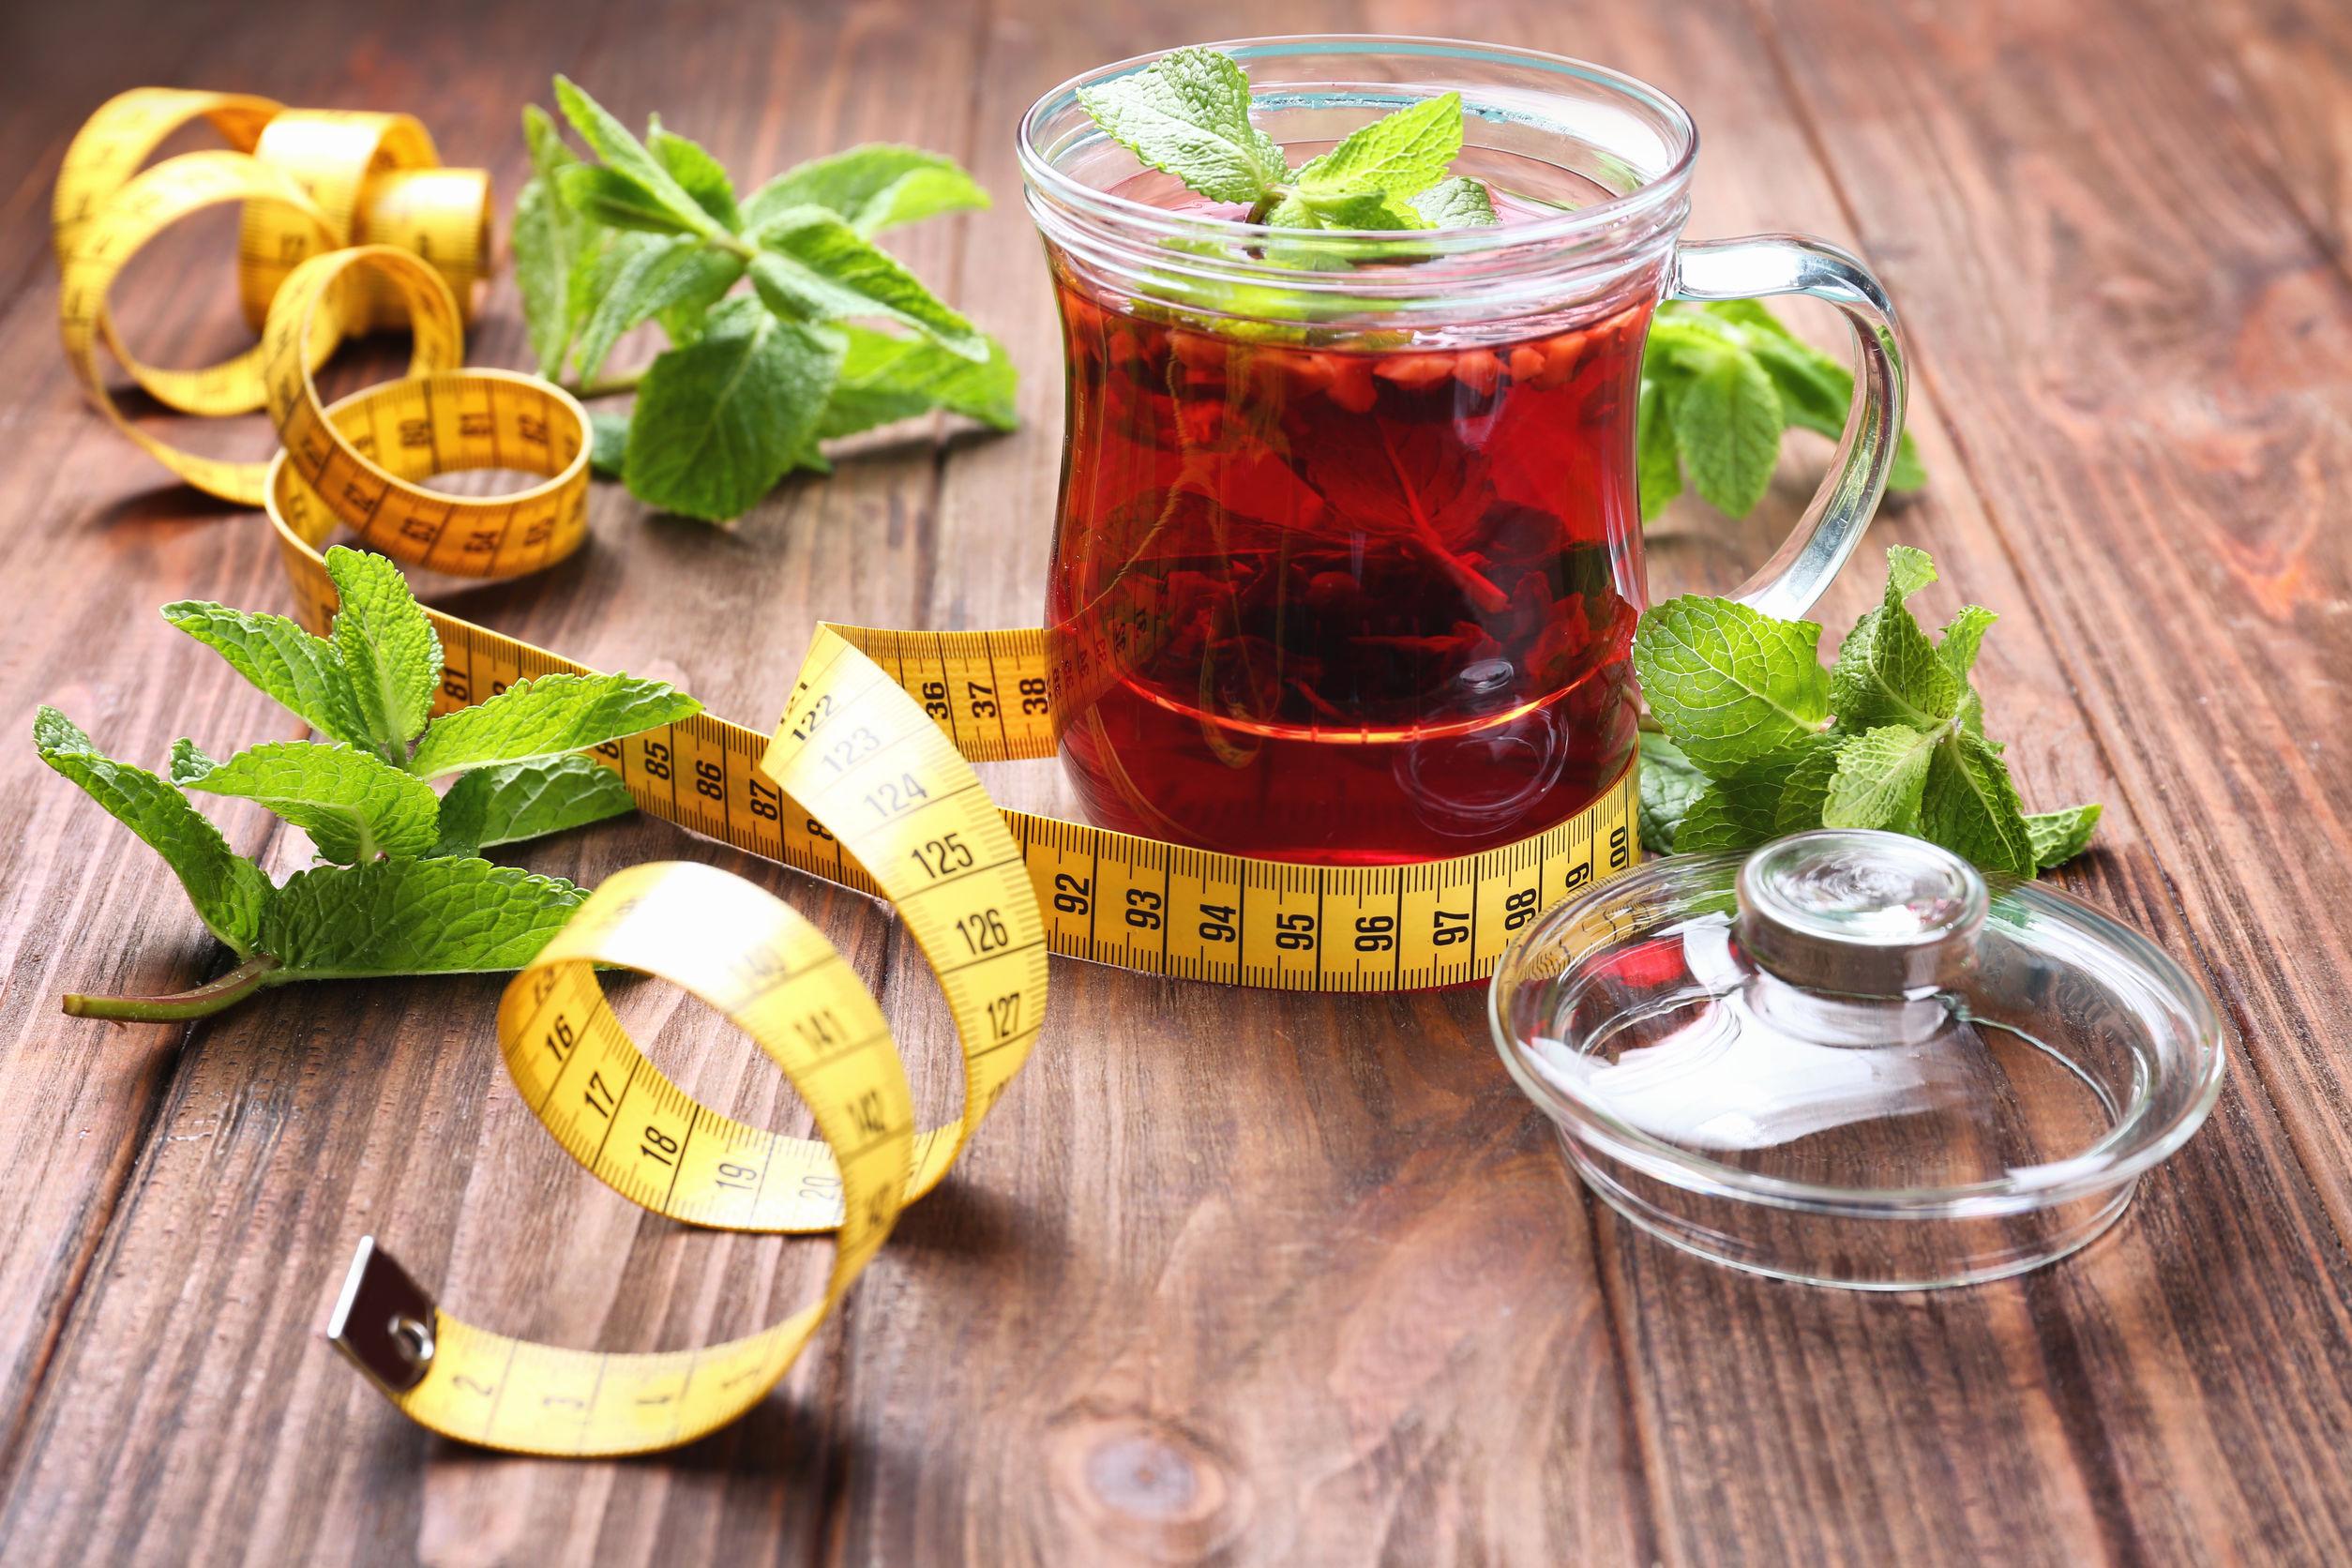 xícara com chá para emagrecer, folhas de hortelã e uma fita métrica